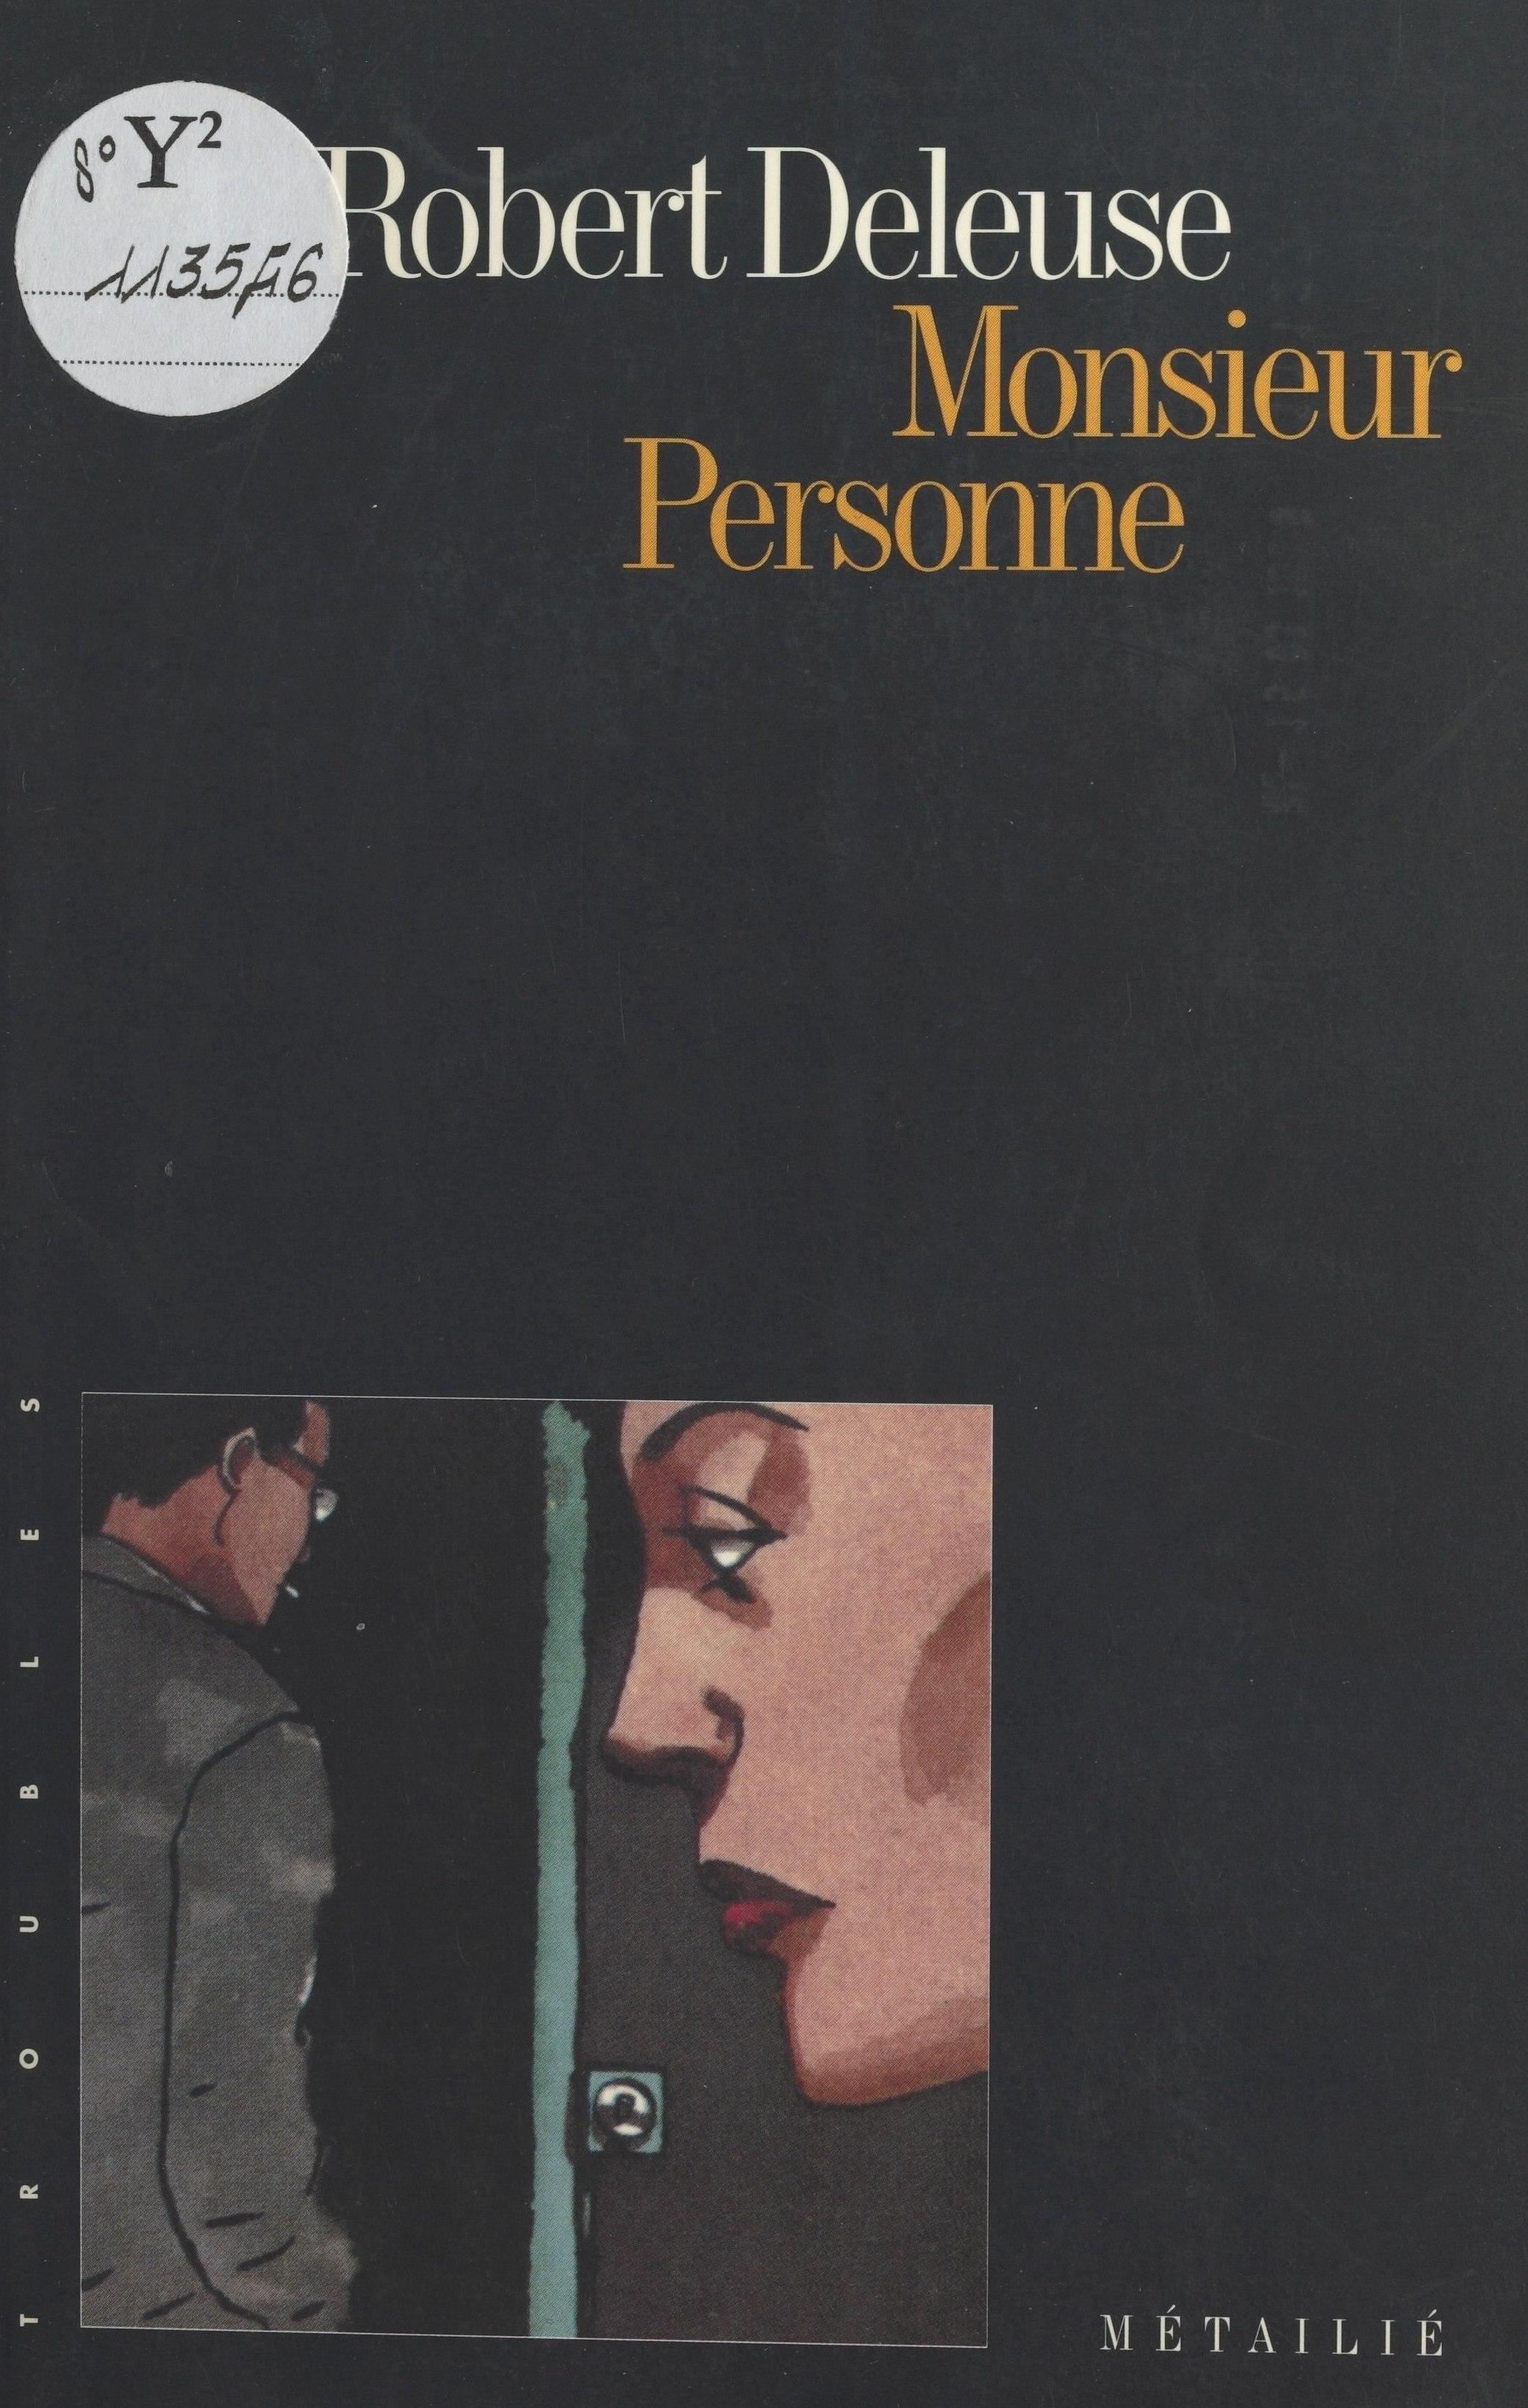 Monsieur Personne